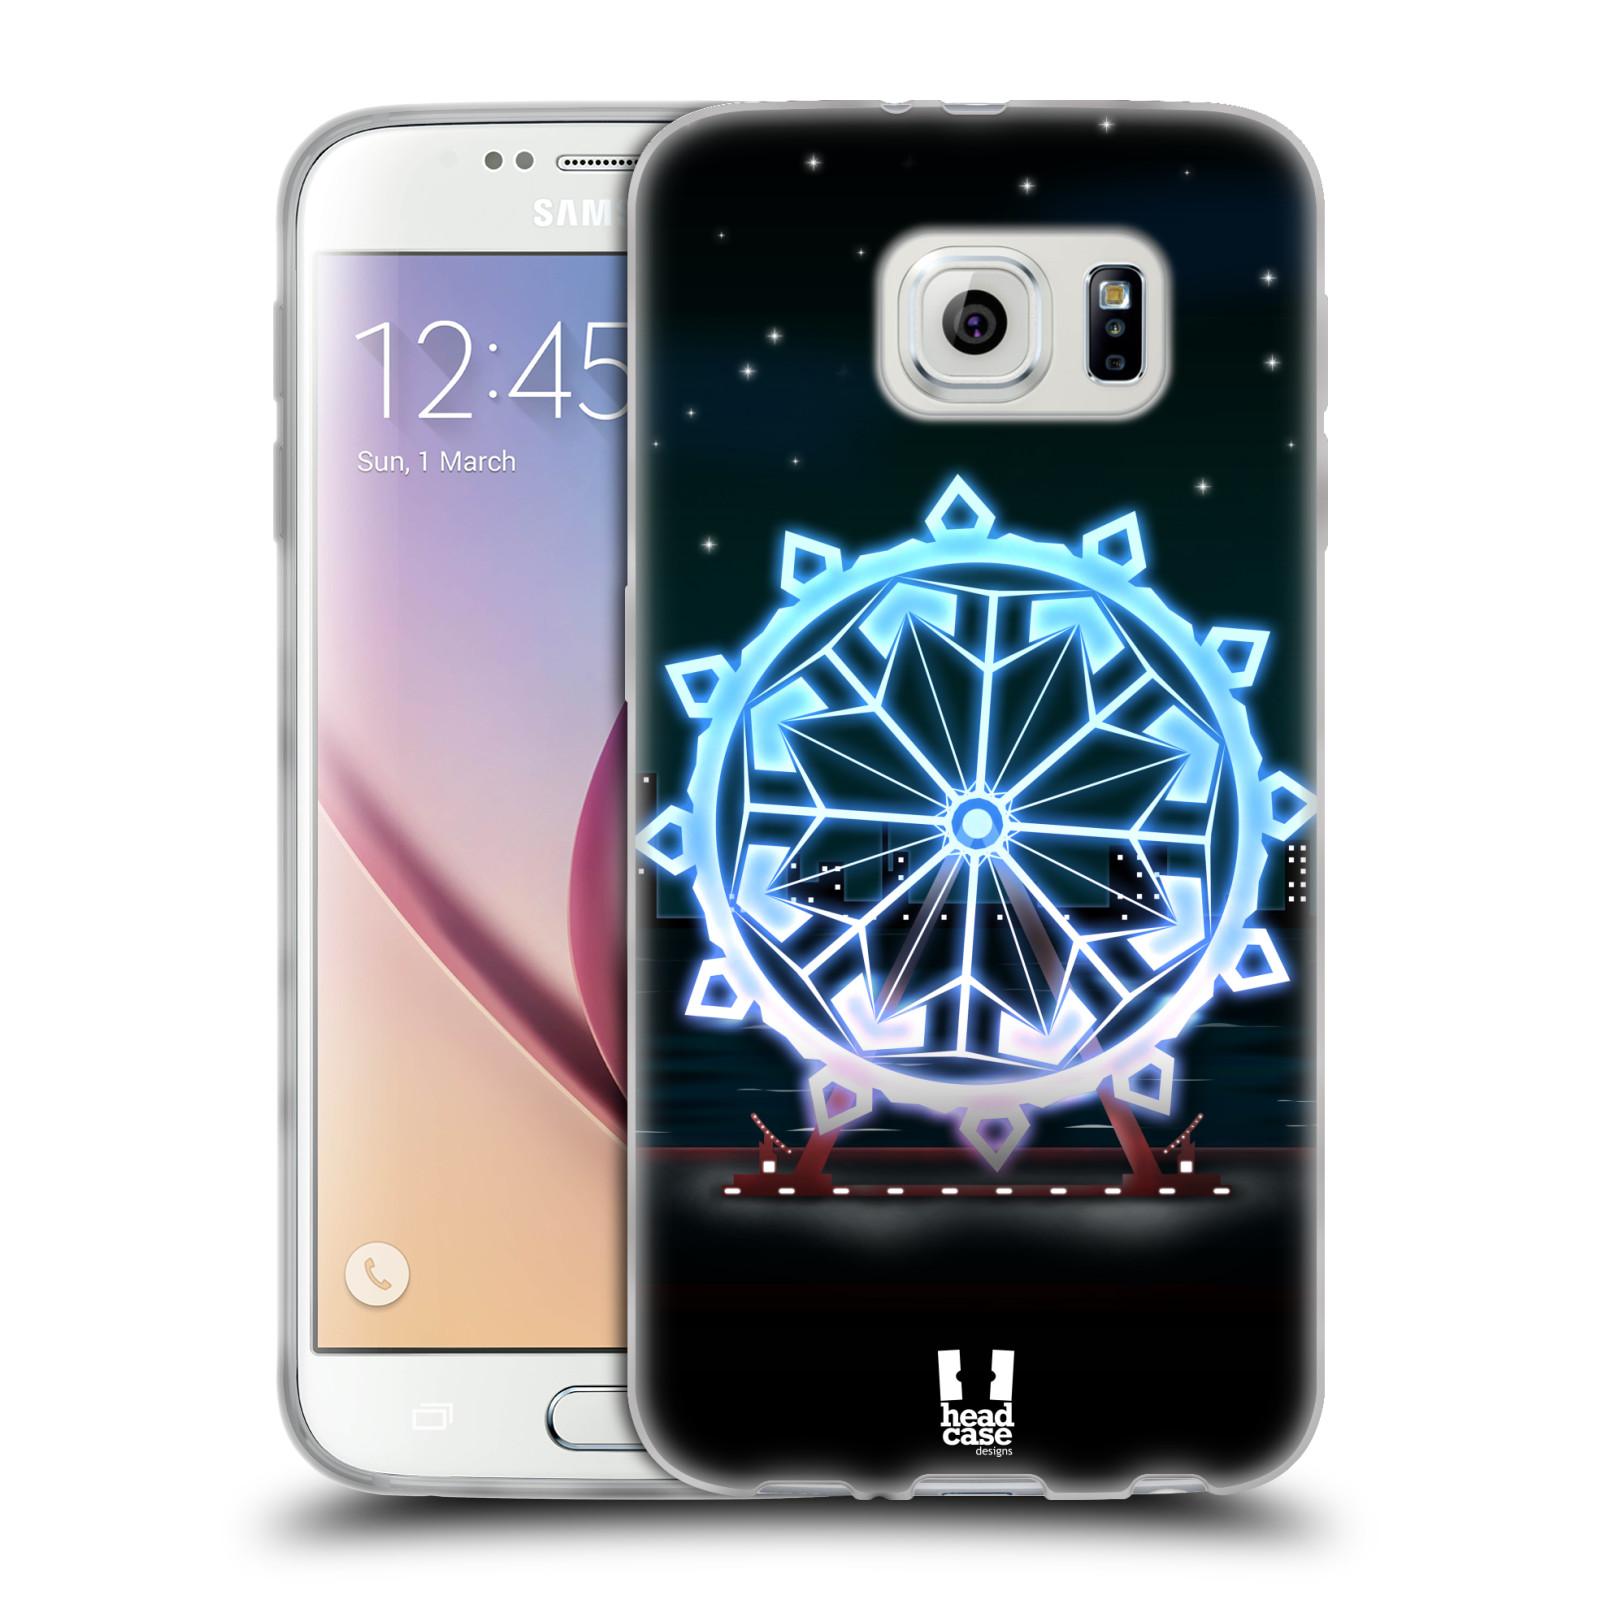 HEAD CASE silikonový obal na mobil Samsung Galaxy S6 vzor Sněžné vločky modrá kolo